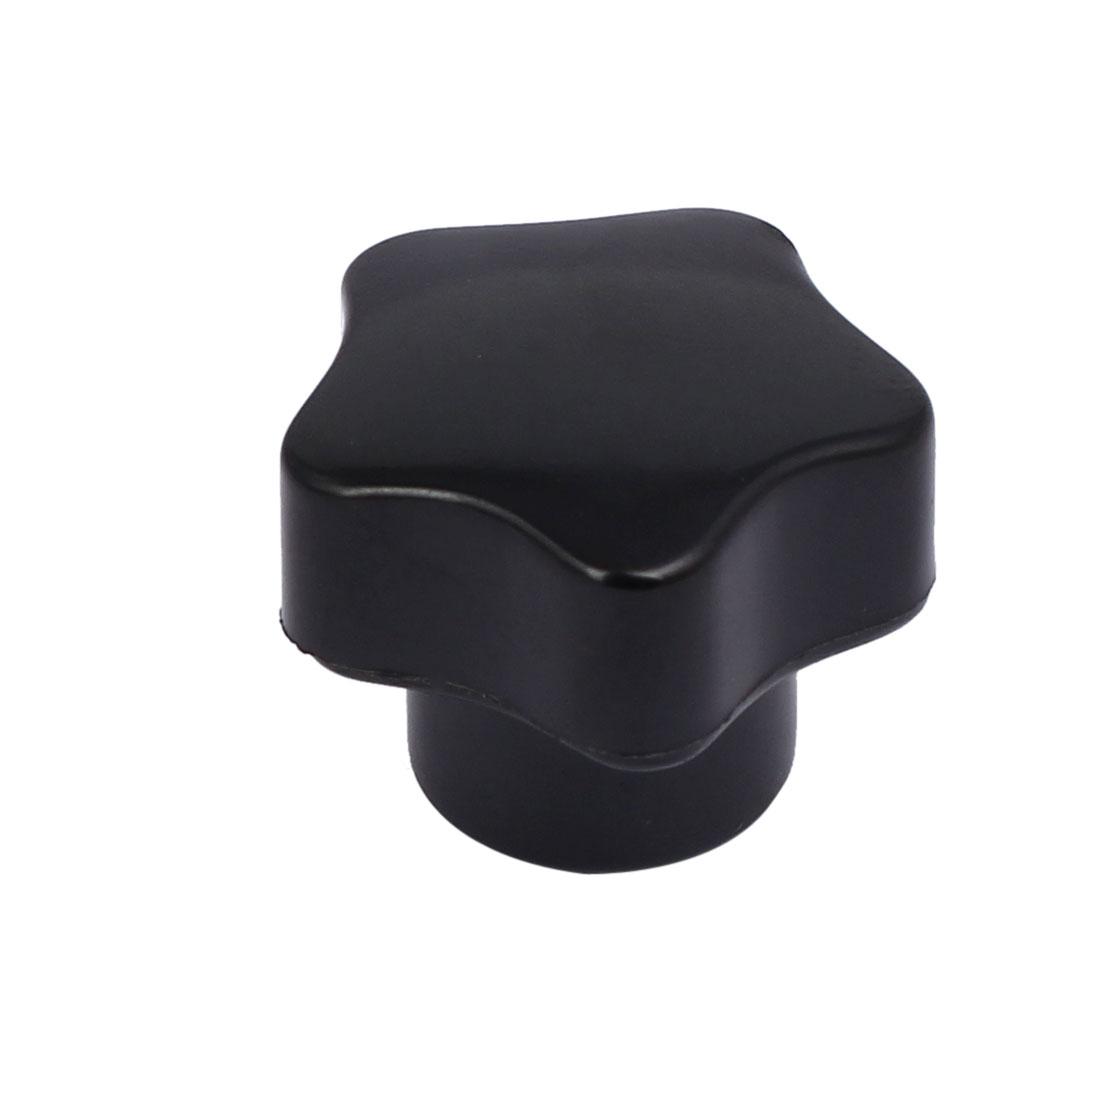 M5 Female Thread Star Head Bakelite Knobs Handle Machine Tool Black